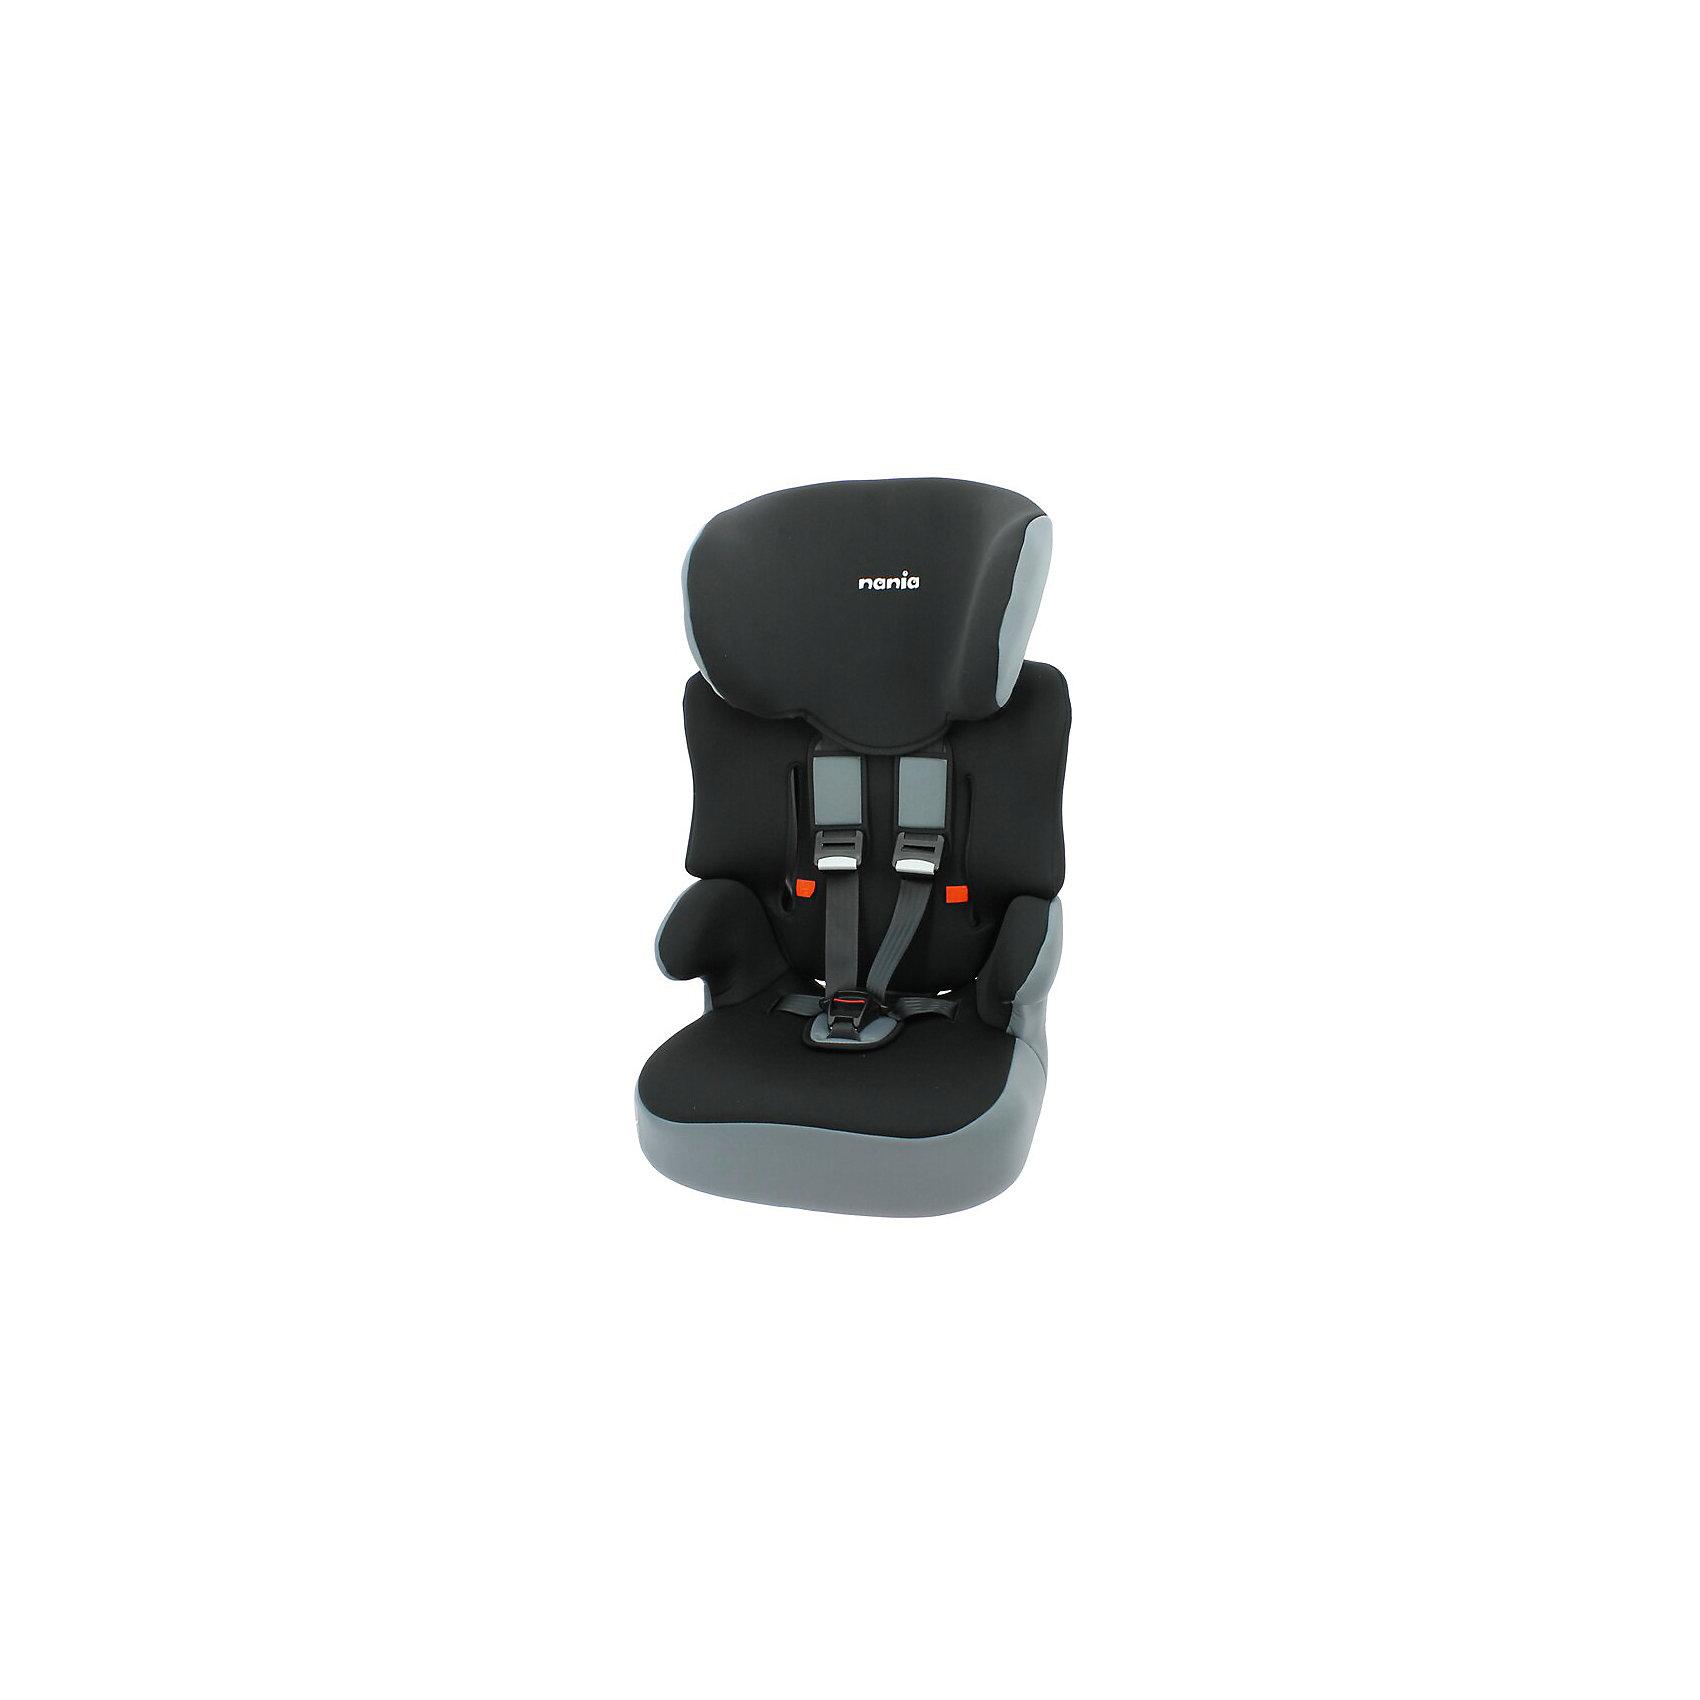 Автокресло Nania Beline SP Eco, 9-36 кг, rock greyГруппа 1-2-3 (От 9 до 36 кг)<br>Характеристики автокресла Nania Beline SP Eco:<br><br>• группа 1-2-3;<br>• вес ребенка: 9-36 кг;<br>• возраст ребенка: от 9 месяцев до 12 лет;<br>• способ установки: по ходу движения автомобиля;<br>• способ крепления: штатными ремнями безопасности автомобиля;<br>• регулируемая высота подголовника: 6 положений;<br>• дополнительная защита от боковых ударов;<br>• подлокотники, широкие боковинки;<br>• возможность использовать автокресло как бустер – спинка снимается;<br>• съемные чехлы, стирка при температуре 30 градусов;<br>• материал: пластик, полиэстер;<br>• стандарт безопасности: ECE R44/04.<br><br>Размер автокресла: 47x44x68/79 см<br>Размер сиденья: 34х27 см<br>Вес автокресла: 3,9 кг<br><br>Путешествие с ребенком в автомобиле становится гораздо безопаснее с использованием автокресла Beline SP Eco, которое рассчитано для деток в возрасте до 12 лет, с учетом возрастных изменений на каждом этапе его роста. Автокресло устанавливается на заднем сиденье автомобиля или на переднем сиденье автомобиля с отключенной подушкой безопасности. Когда вес ребенка находится в пределах 22 кг, спинку автокресла можно снять, чтобы получить бустер и использовать его, пока вес ребенка будет варьироваться в пределах 22-36 кг.<br><br>Автокресло Beline SP Eco, 9-36 кг., Nania, rock grey можно купить в нашем интернет-магазине.<br><br>Ширина мм: 700<br>Глубина мм: 450<br>Высота мм: 500<br>Вес г: 4900<br>Возраст от месяцев: 9<br>Возраст до месяцев: 144<br>Пол: Унисекс<br>Возраст: Детский<br>SKU: 5287286